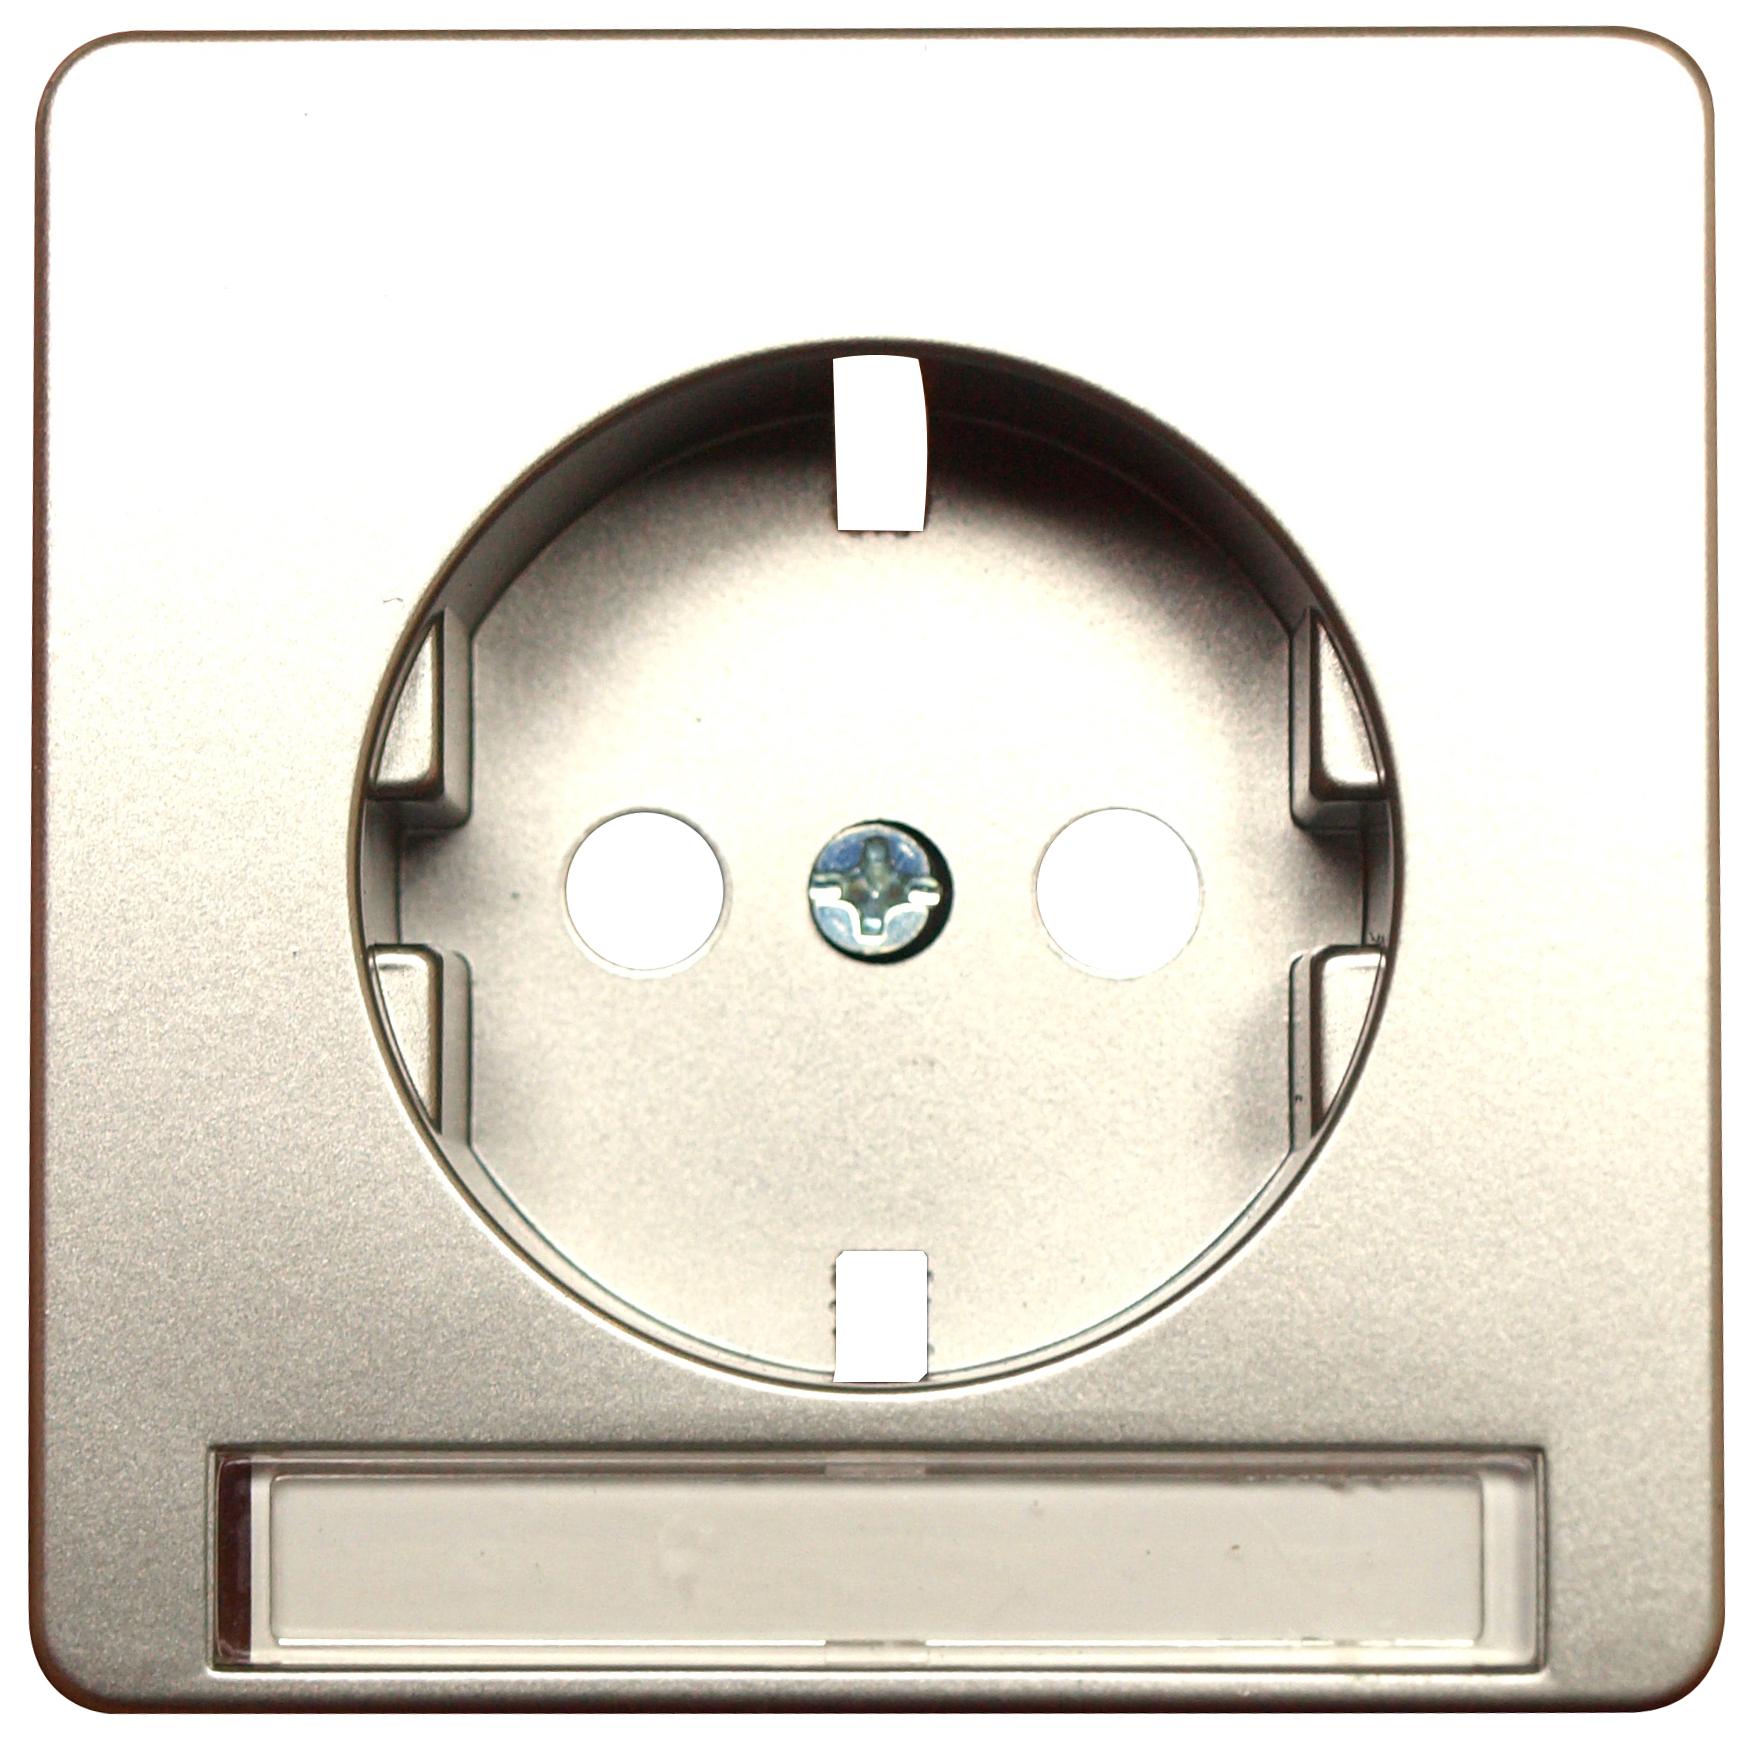 1 Stk UP-Steckdoseneinsatz mit Schriftfeld, Steckklemmen, Edelstah EL2050111-